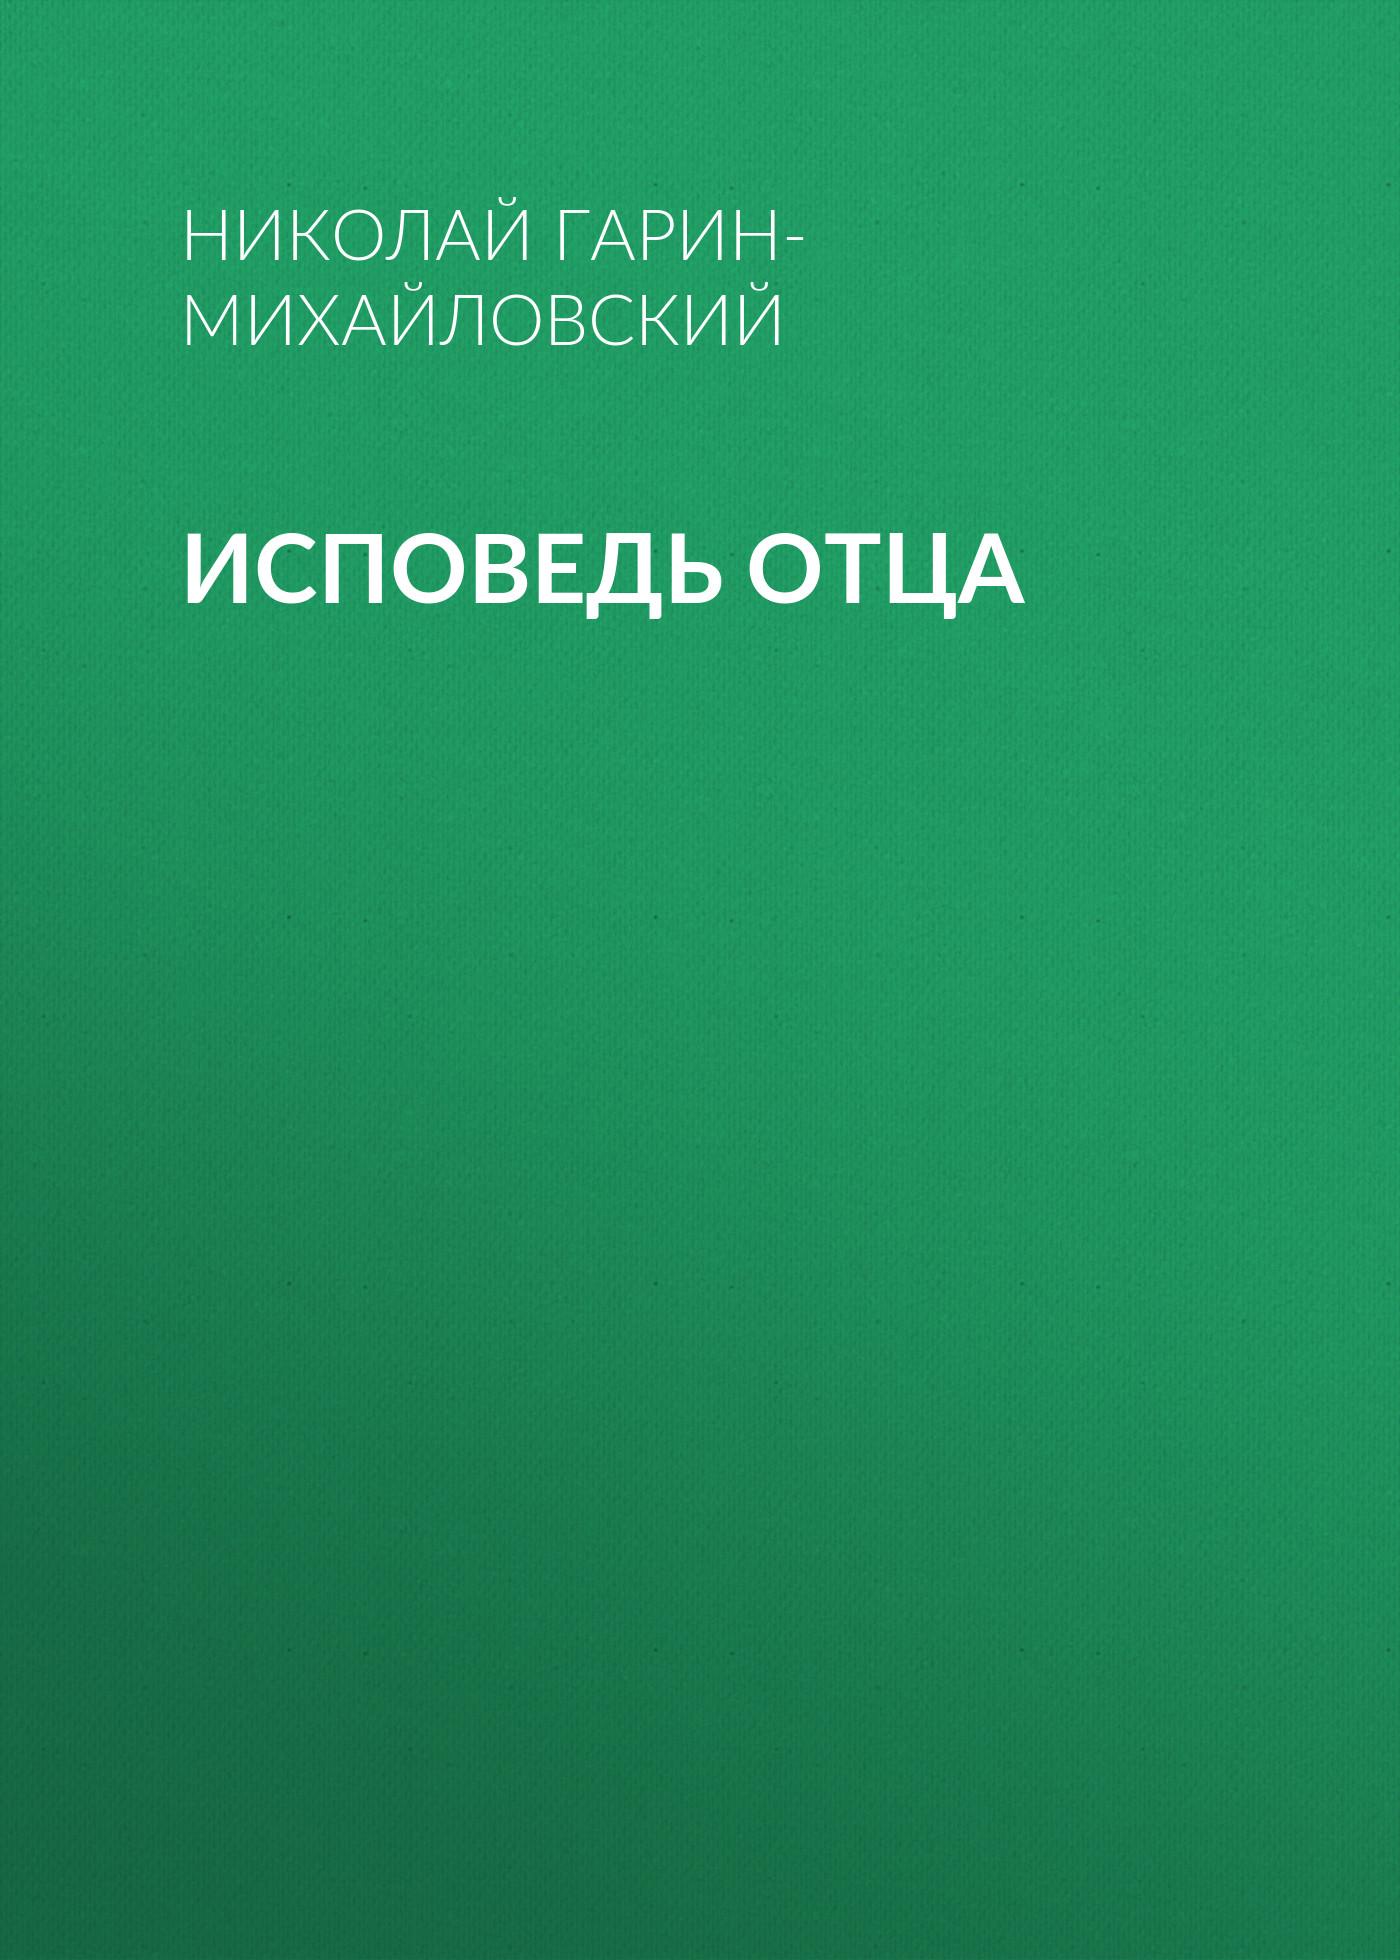 Николай Гарин-Михайловский Исповедь отца николай гарин михайловский исповедь отца